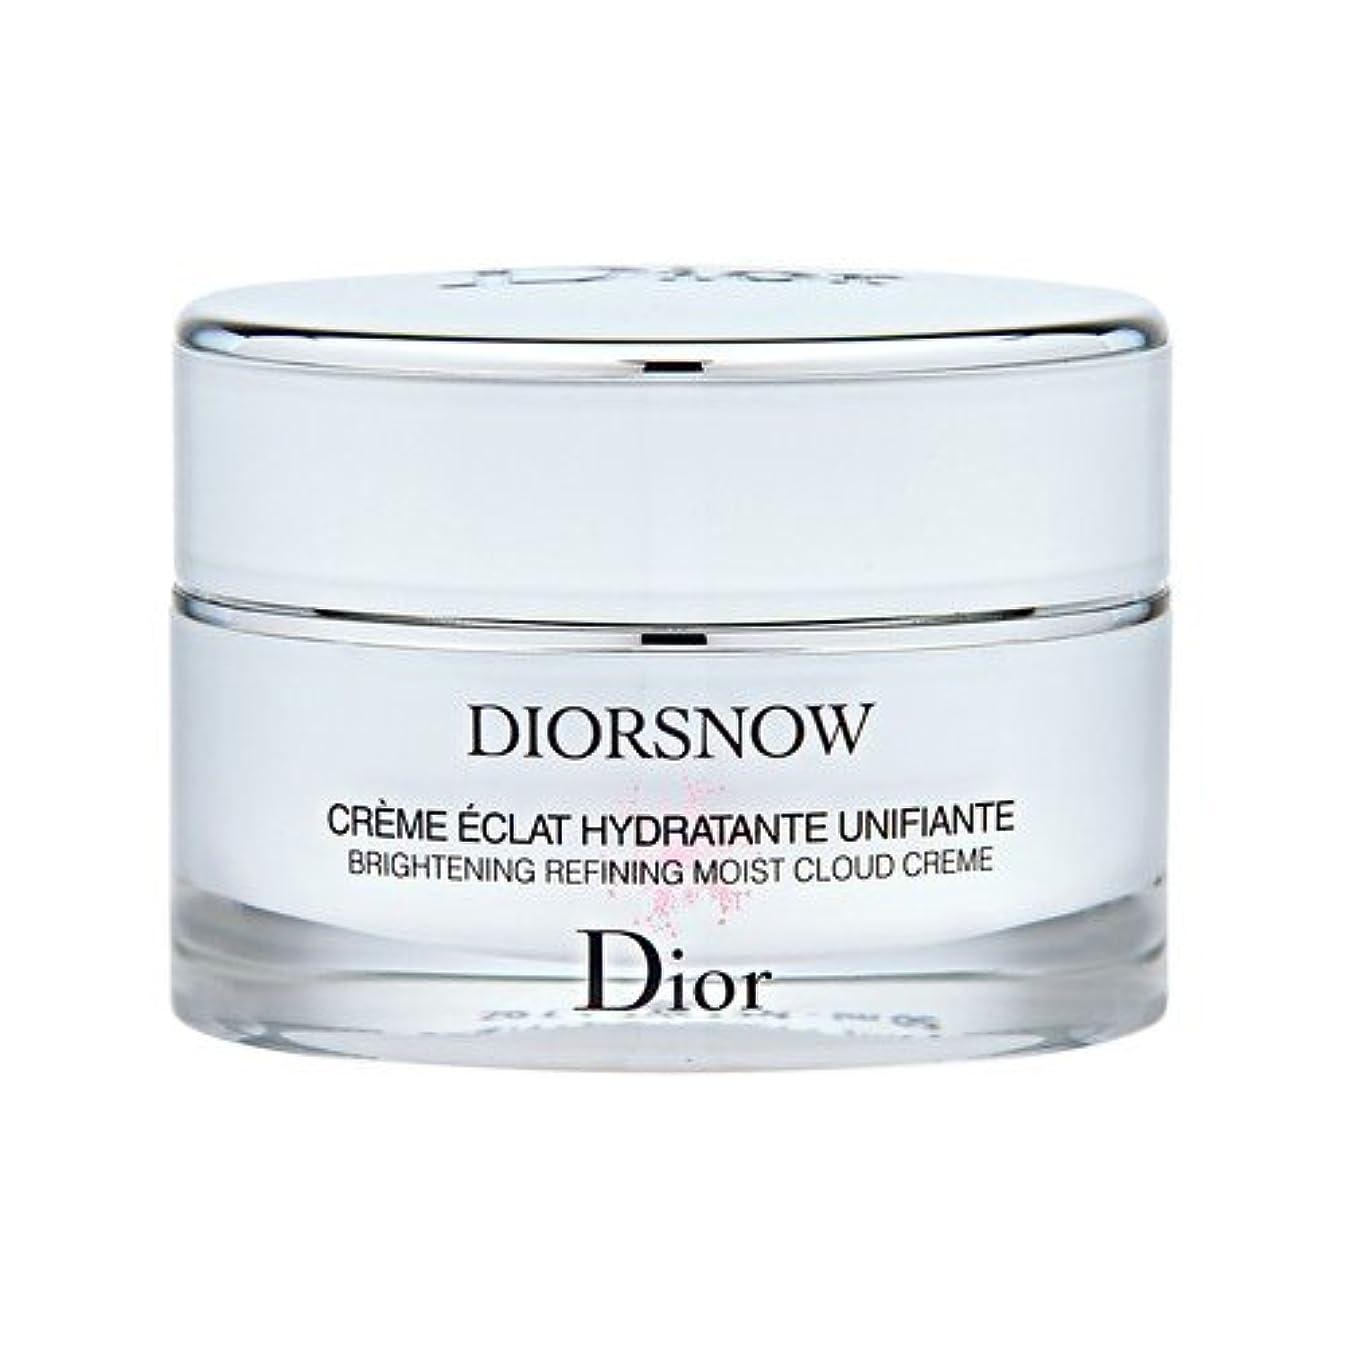 しみ嬉しいですコロニークリスチャン ディオール(Christian Dior) スノー ブライトニング モイスト クリーム 50ml[並行輸入品]